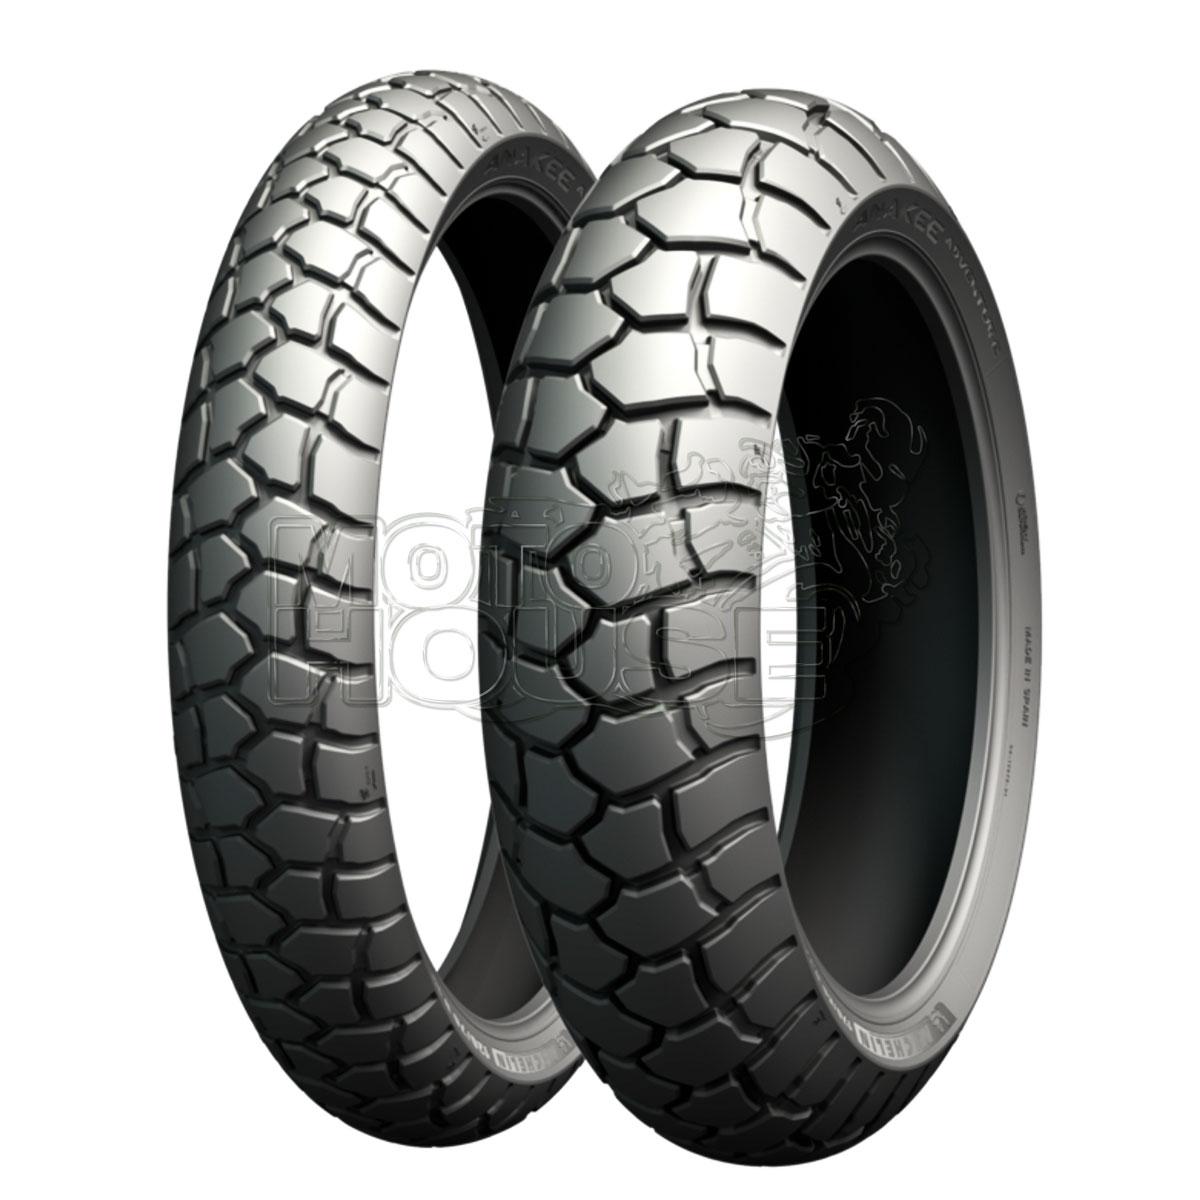 Llanta Para Moto Michelin Anakee Adventure 110/80-19 59v